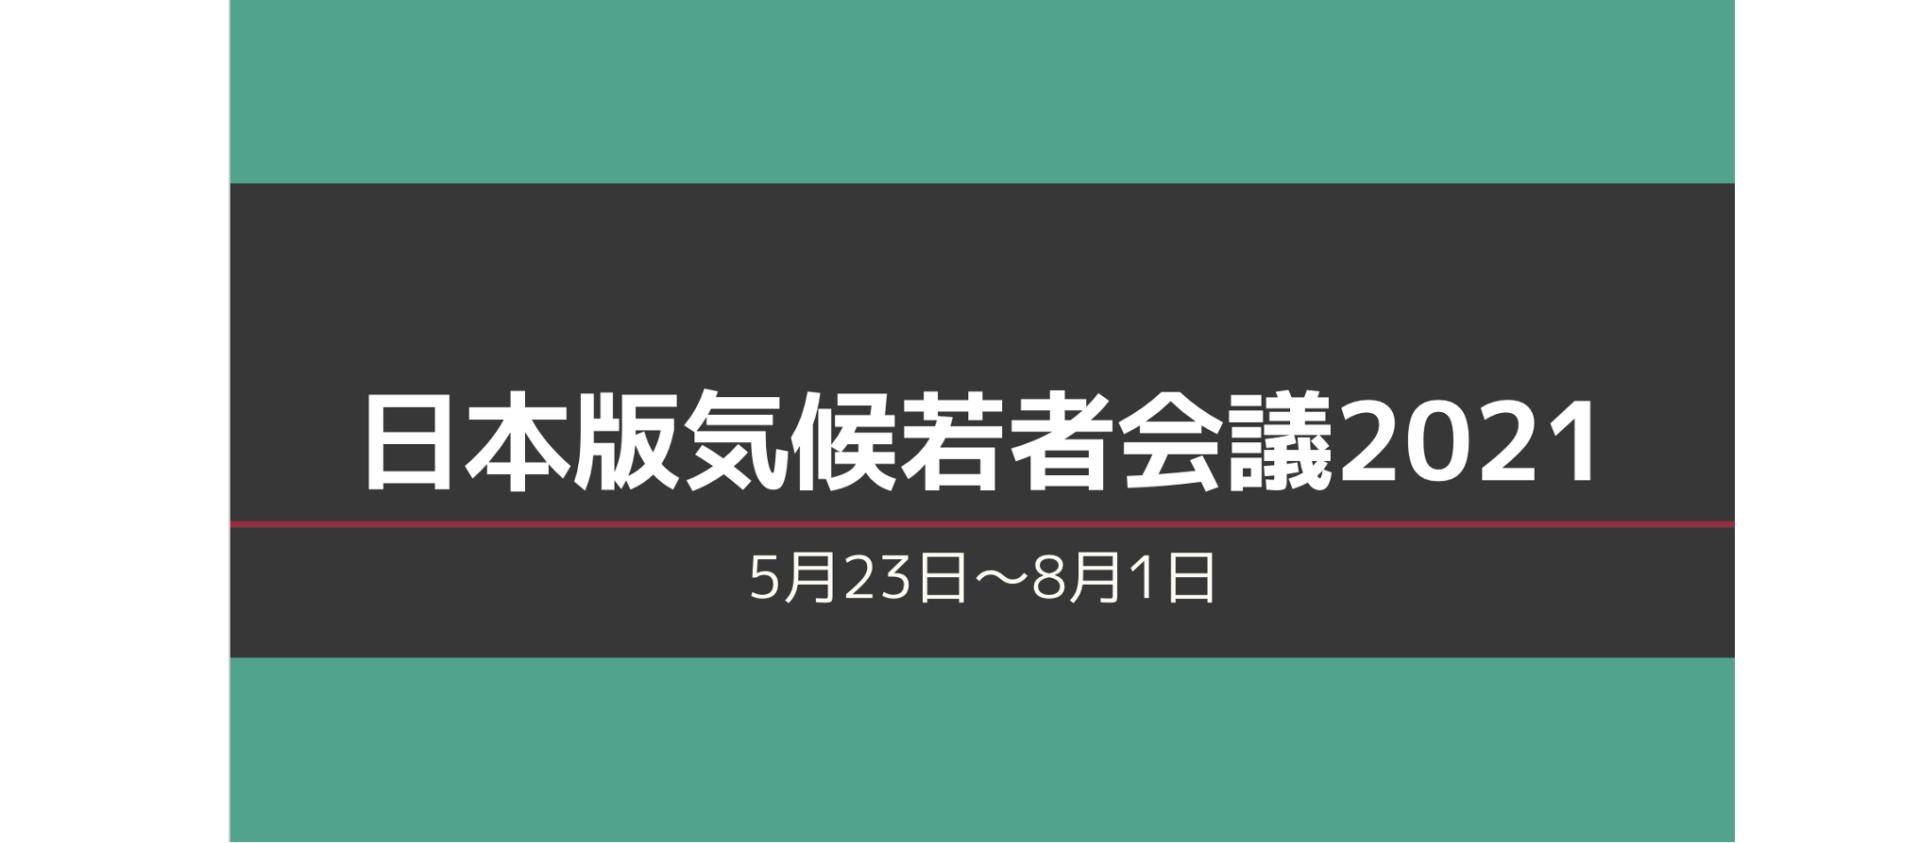 日本版気候若者会議